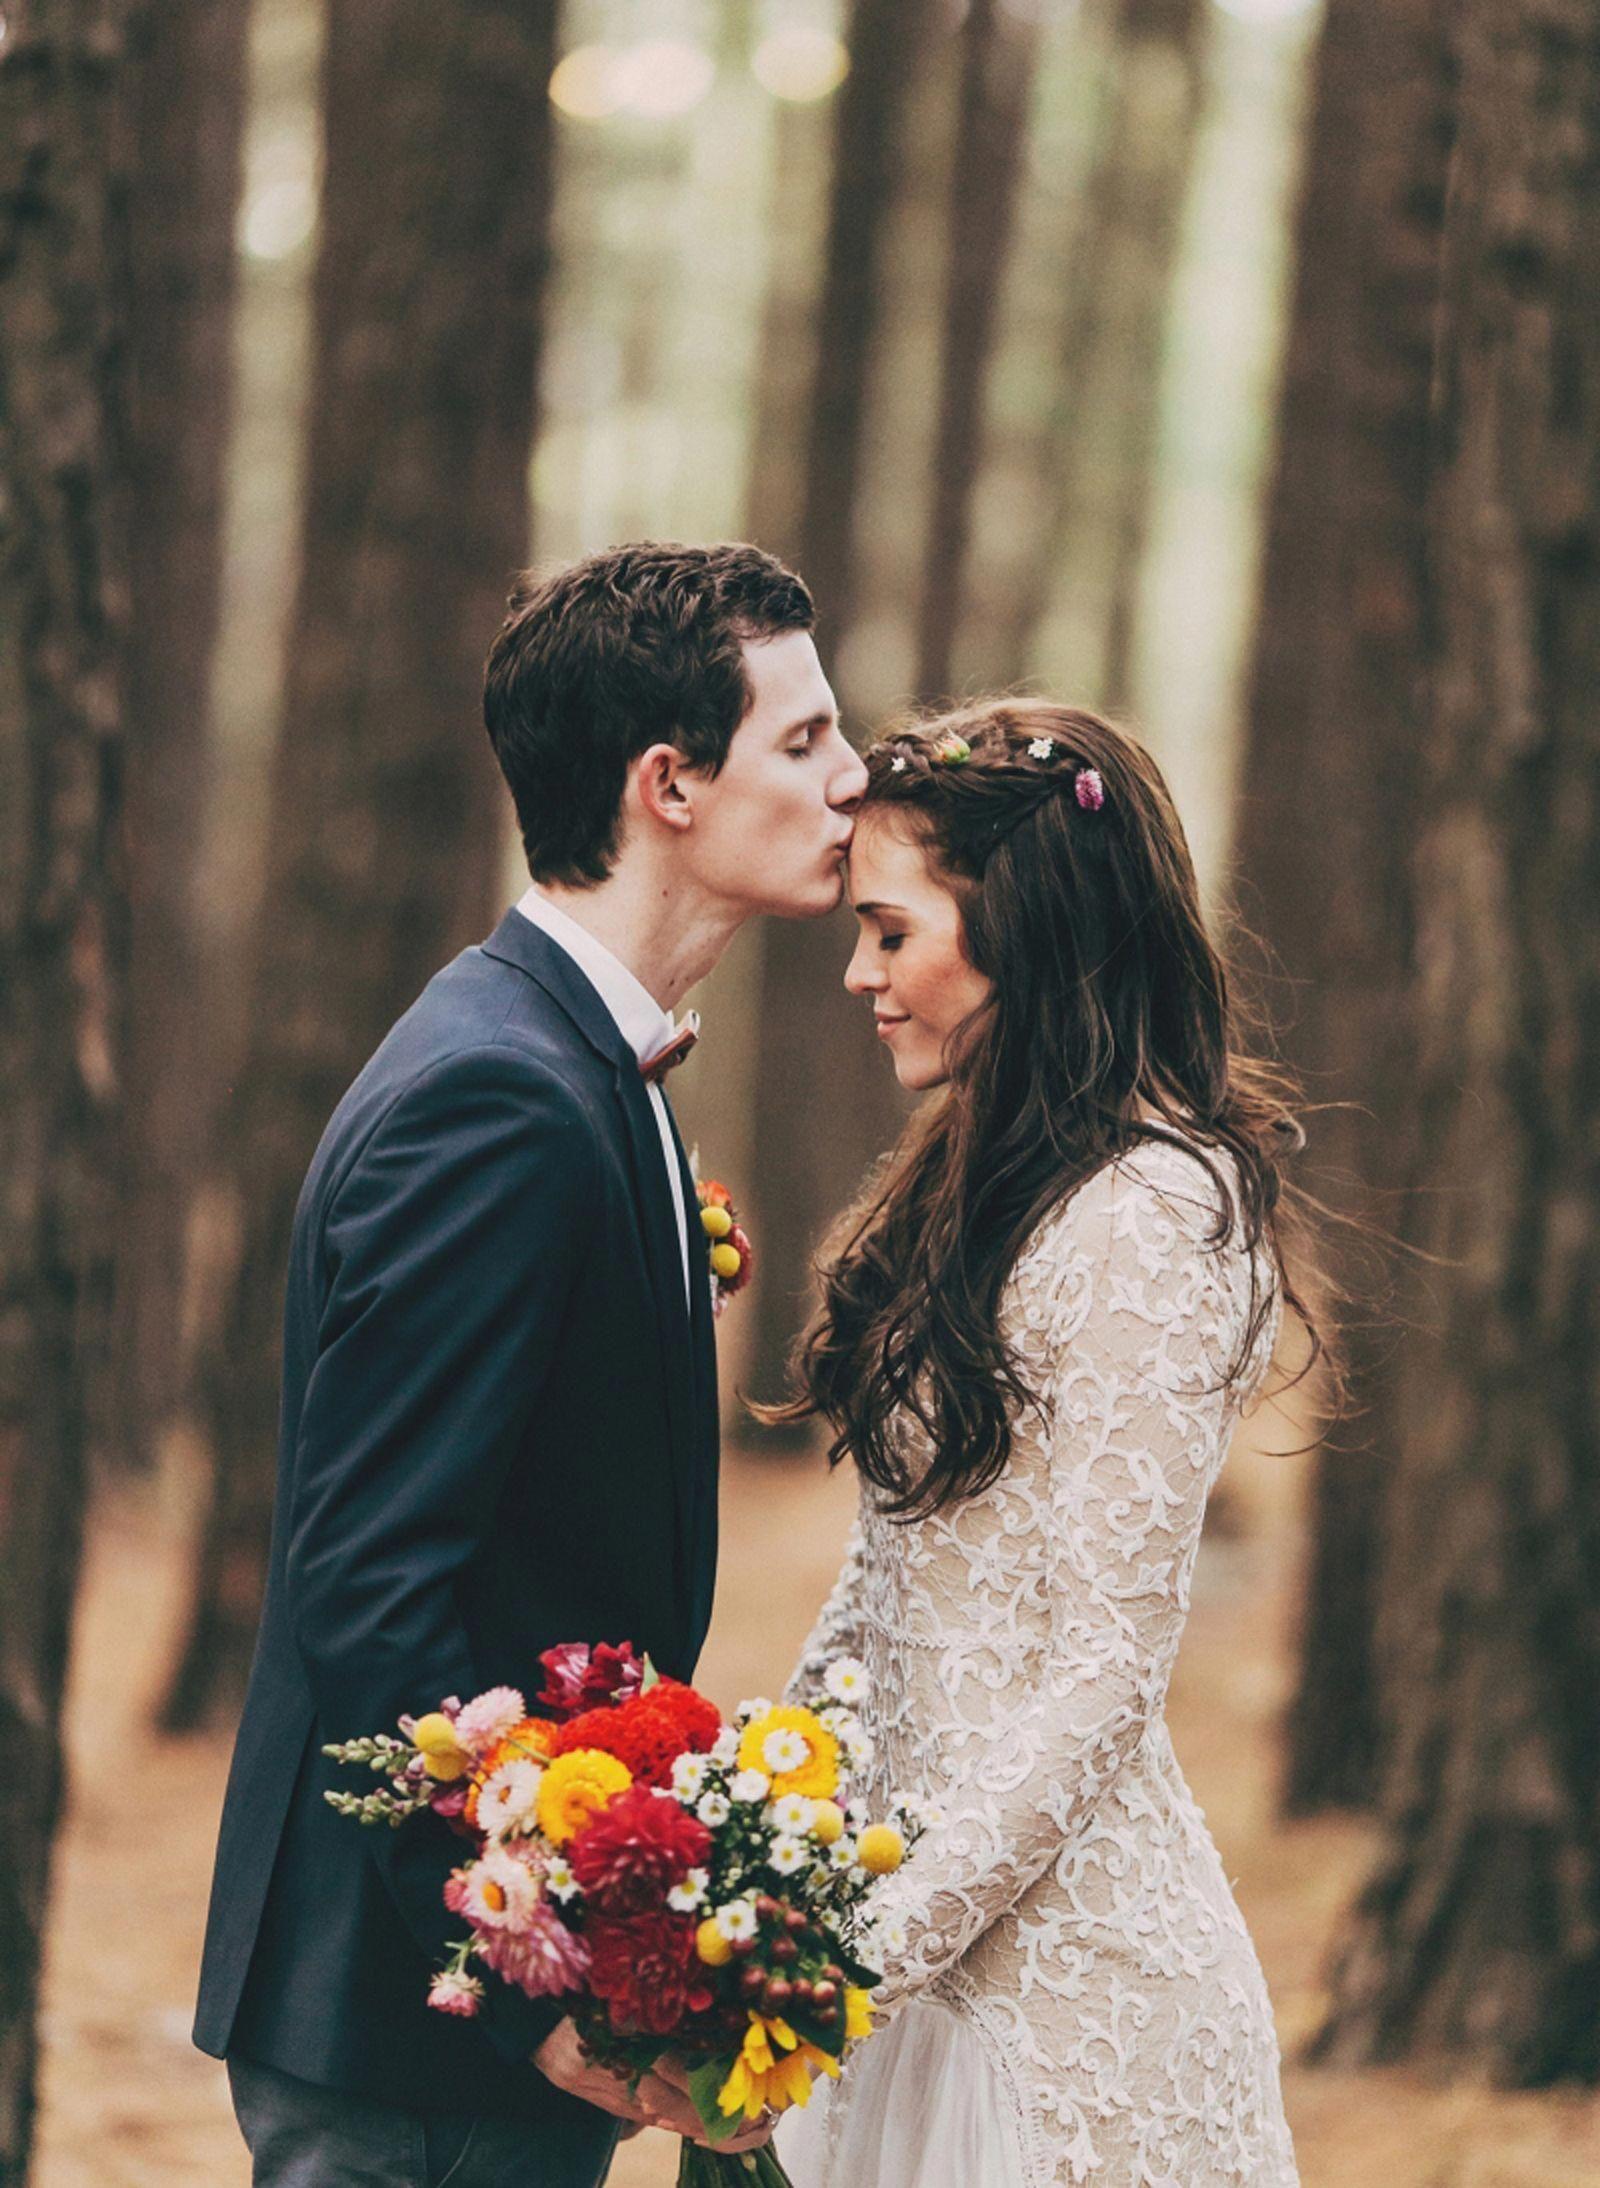 обладательниц прямых психология по свадебному фото понять